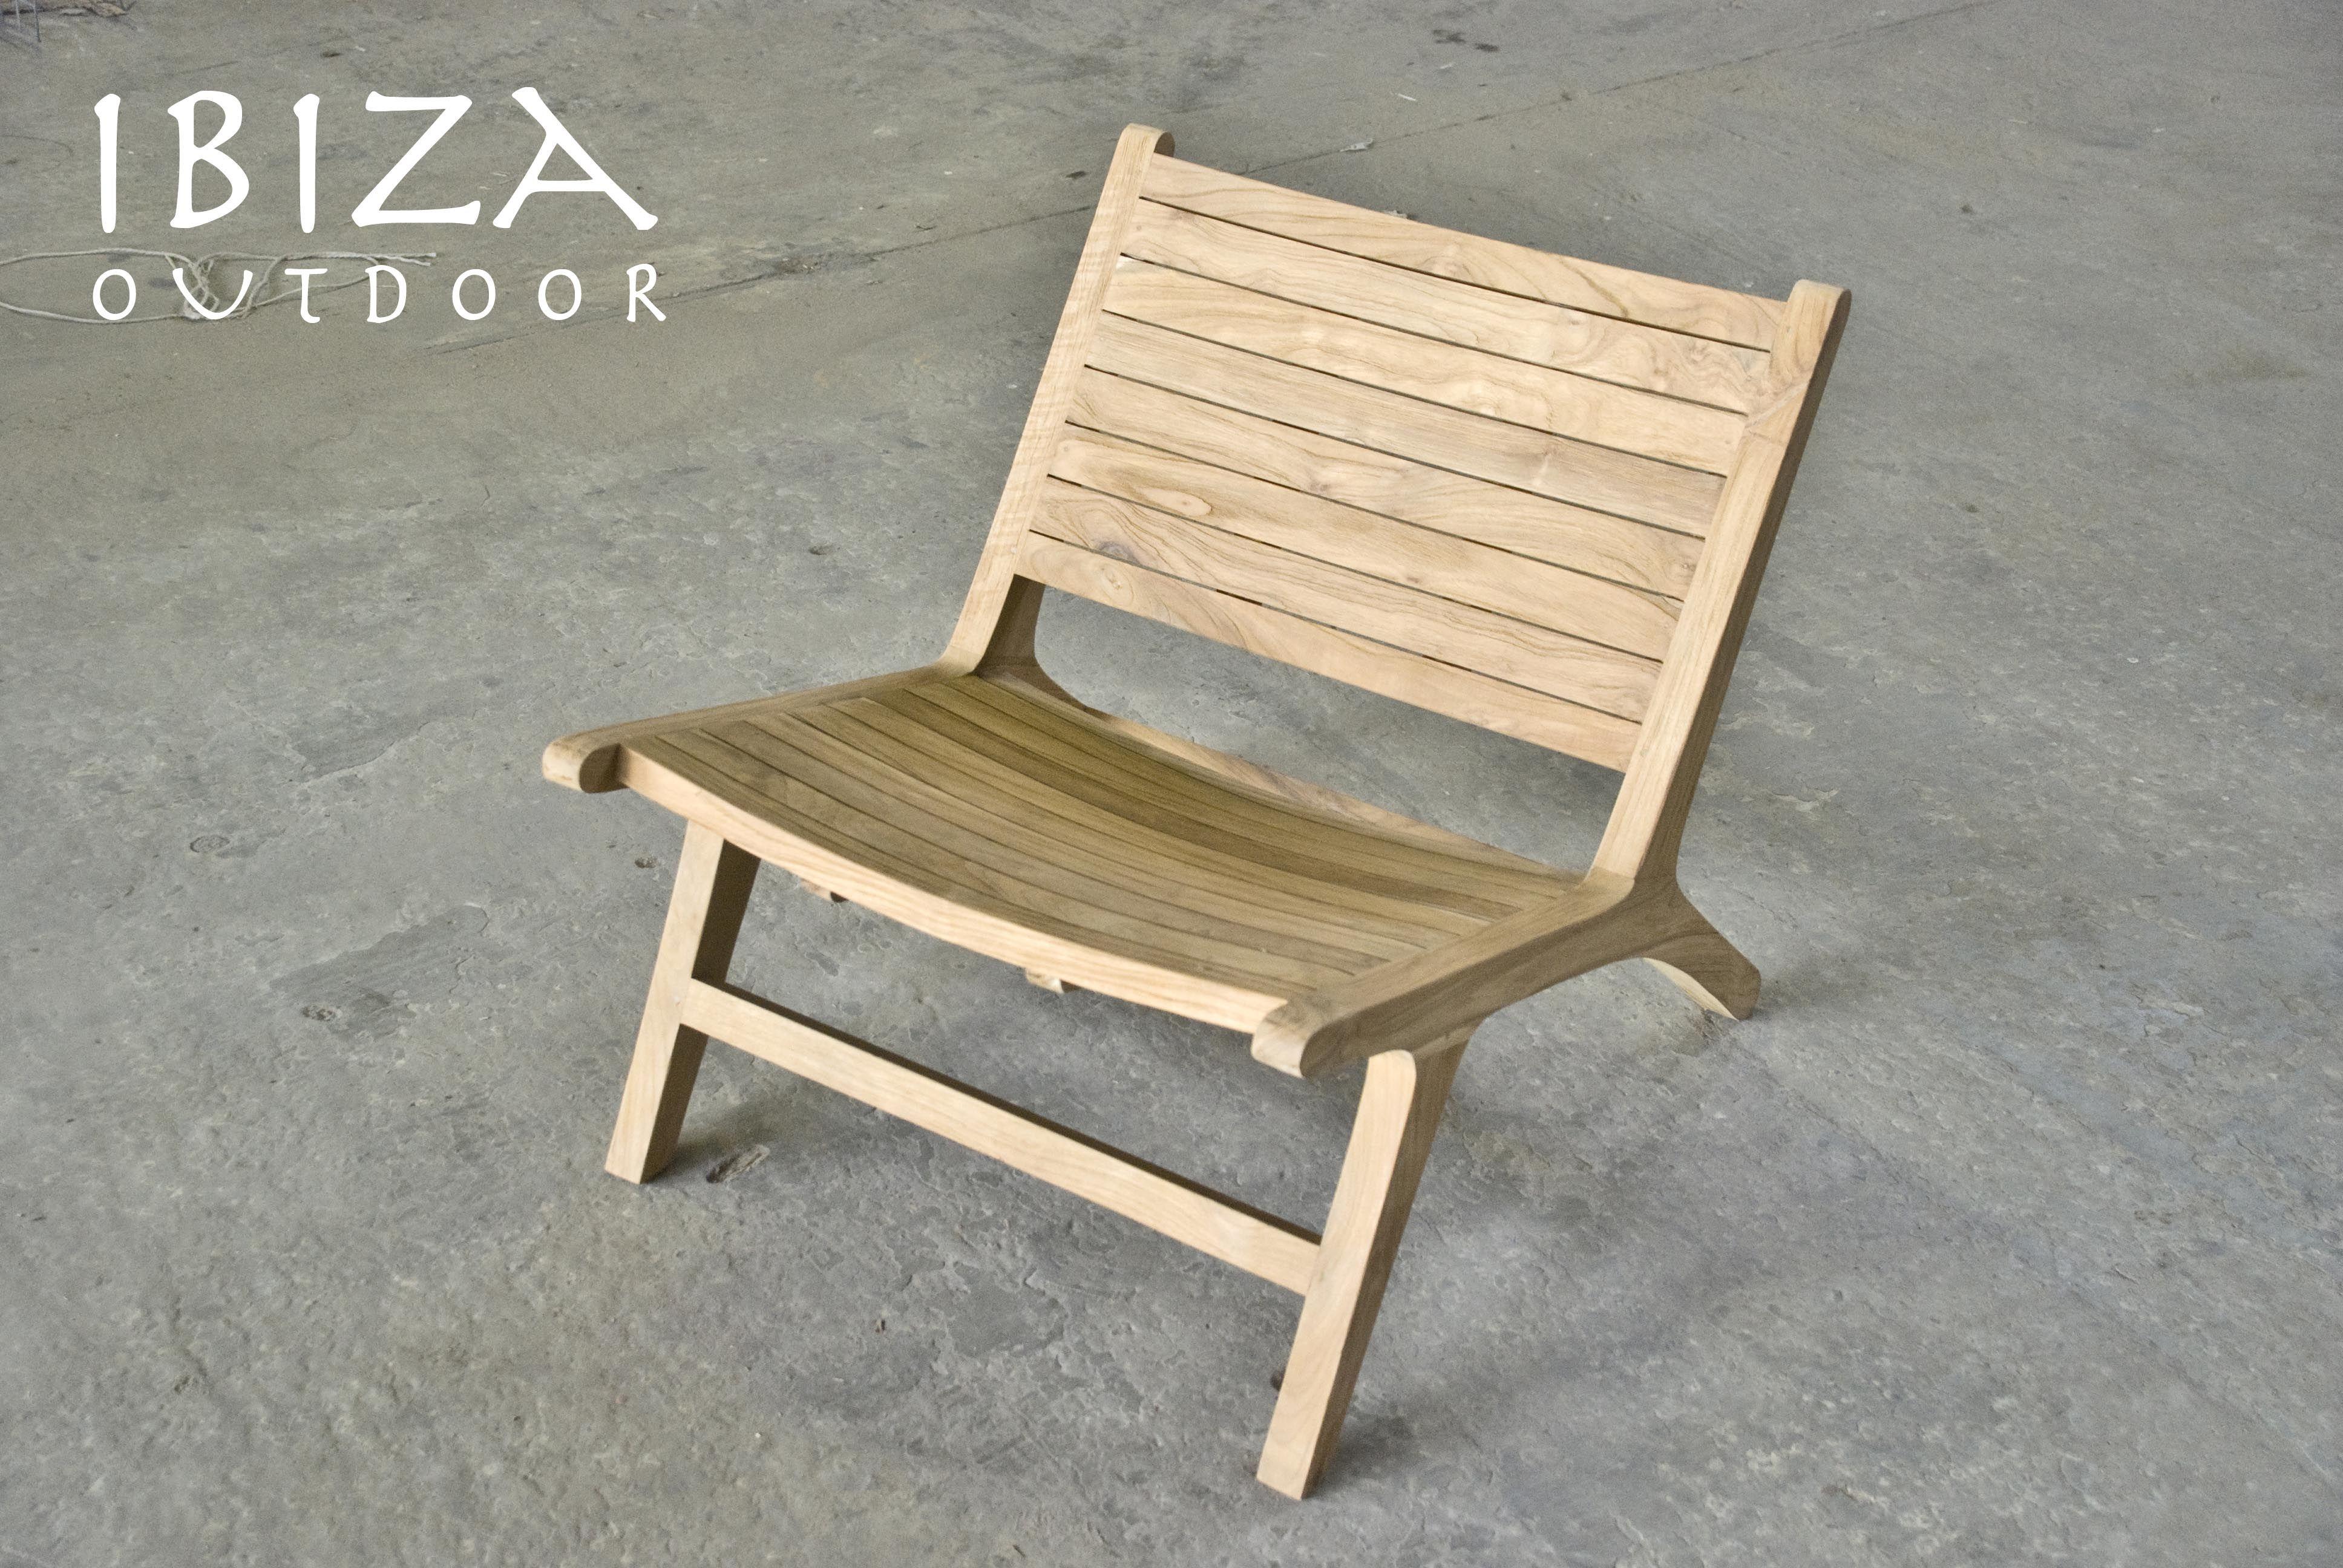 Nieuw de vintage lounge stoel voor buiten compleet van for Lounge stoel buiten